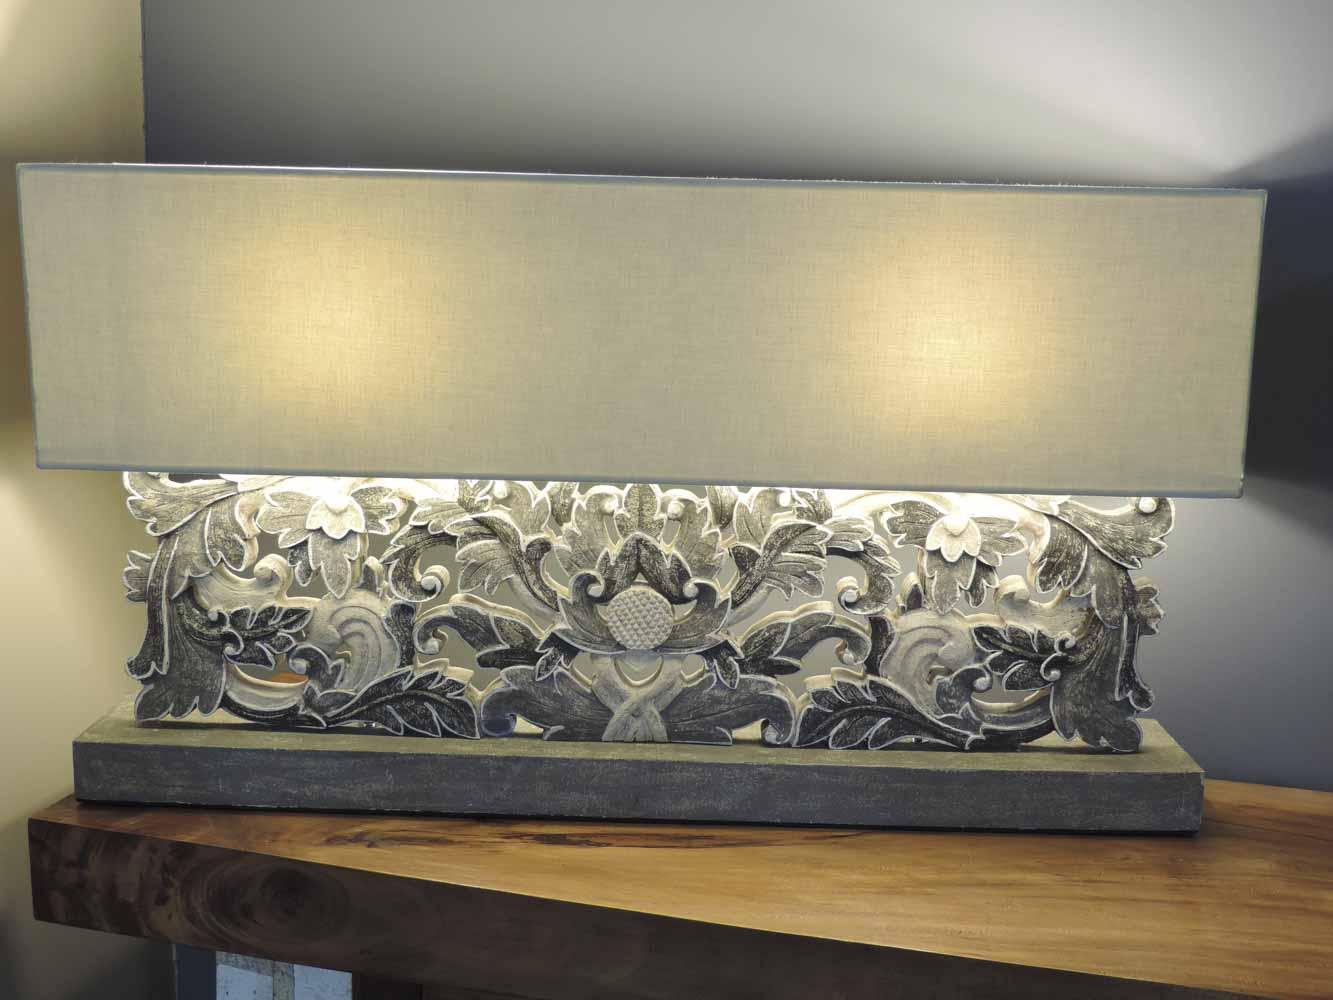 Lampe poser arabesques et fleurs en bois patin charme rectangulaire gris h 56 cm for Meuble pour lampe de salon